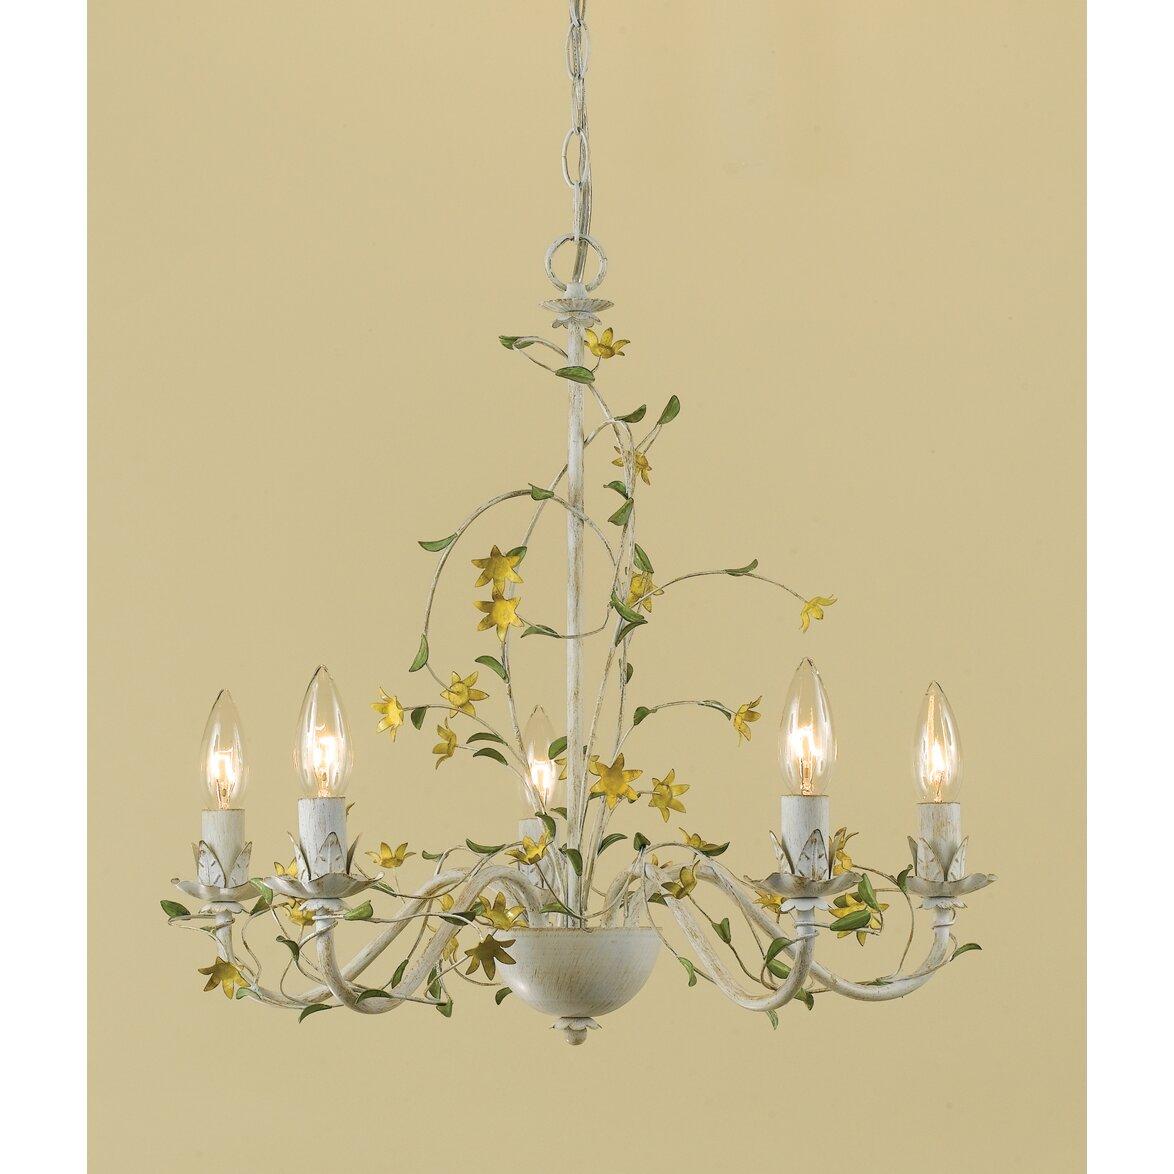 Af lighting star flower 5 light chandelier reviews wayfair for Light up flower lamp